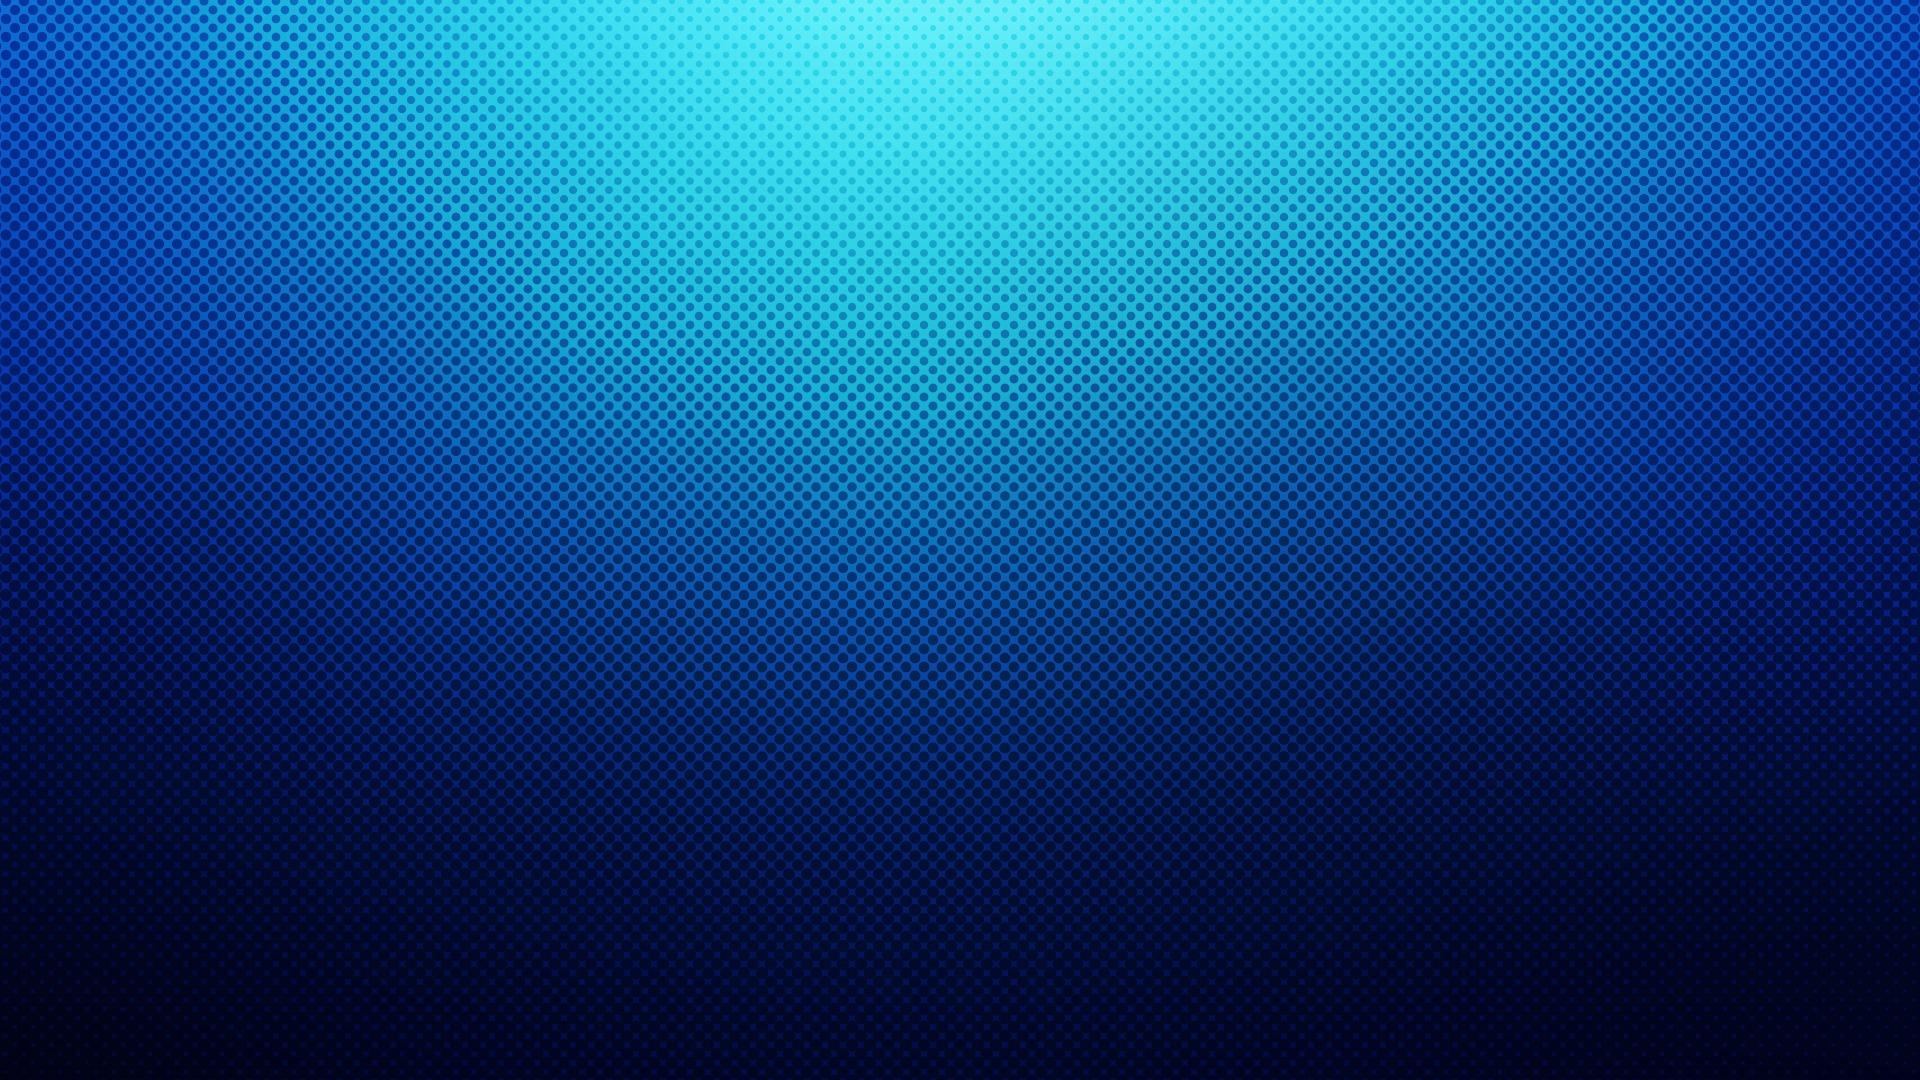 Hd Blue Wallpapers Wallpapersafari